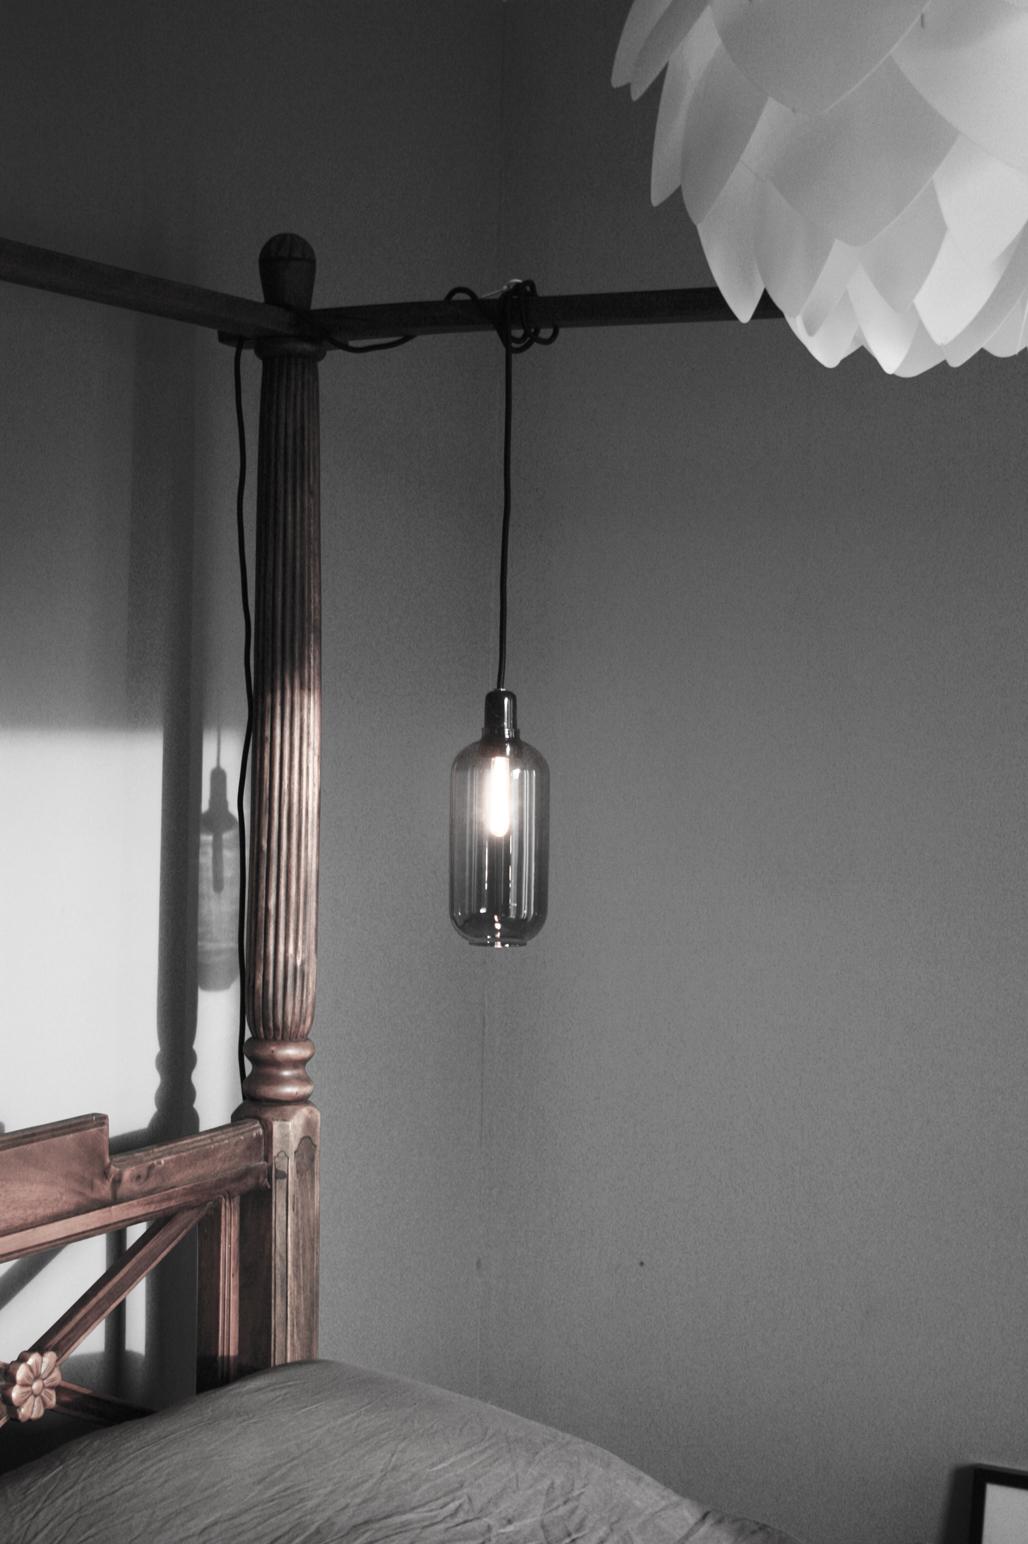 Normann copenhagen designsetter design lifestyle and for Lampen charlottenburg